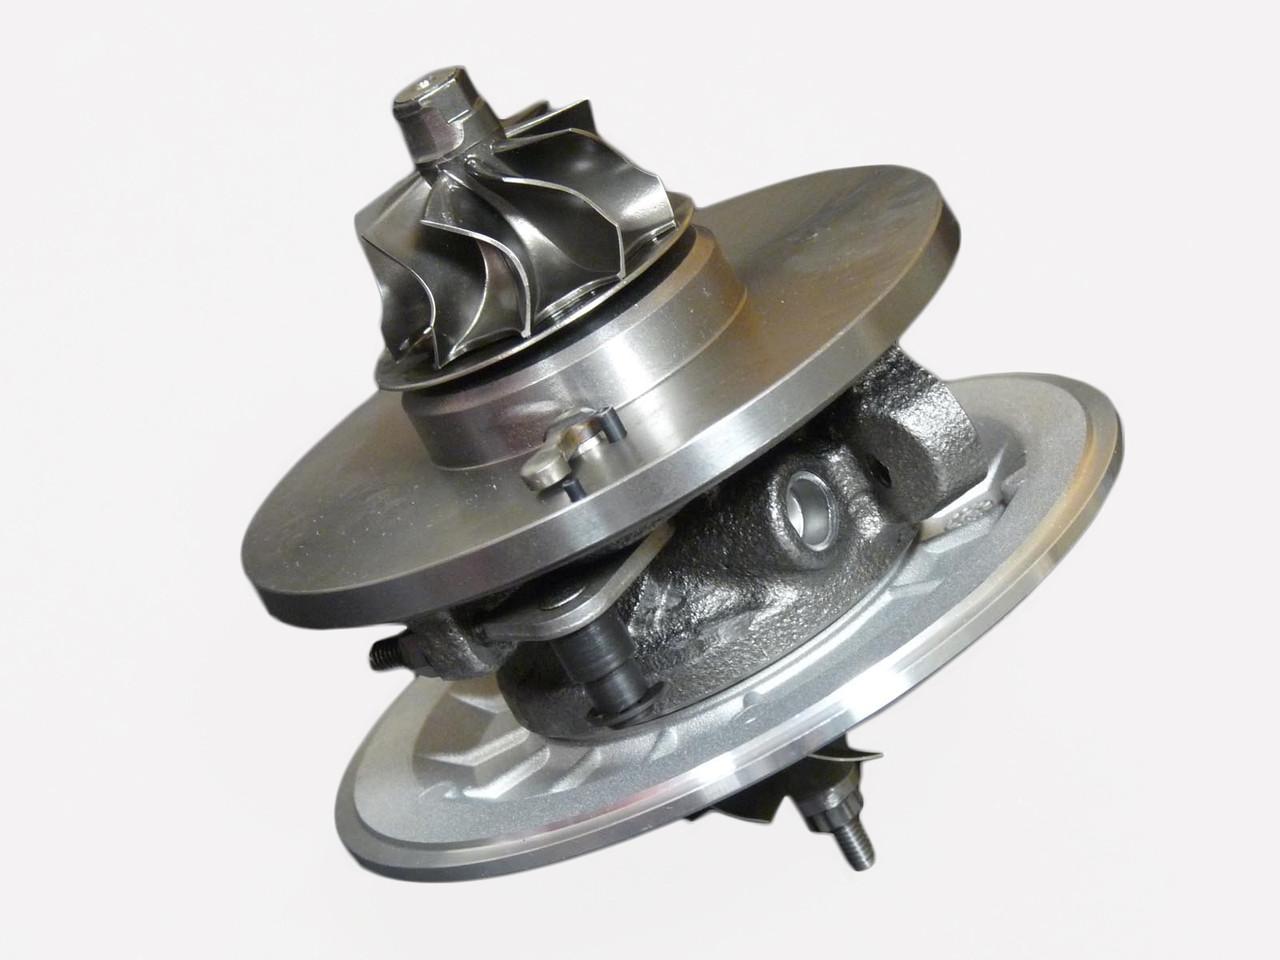 Картридж турбины Nissan Primera 2.2Di от 2001 г.в. 126 л.с. 725864-0001, 725864-0002